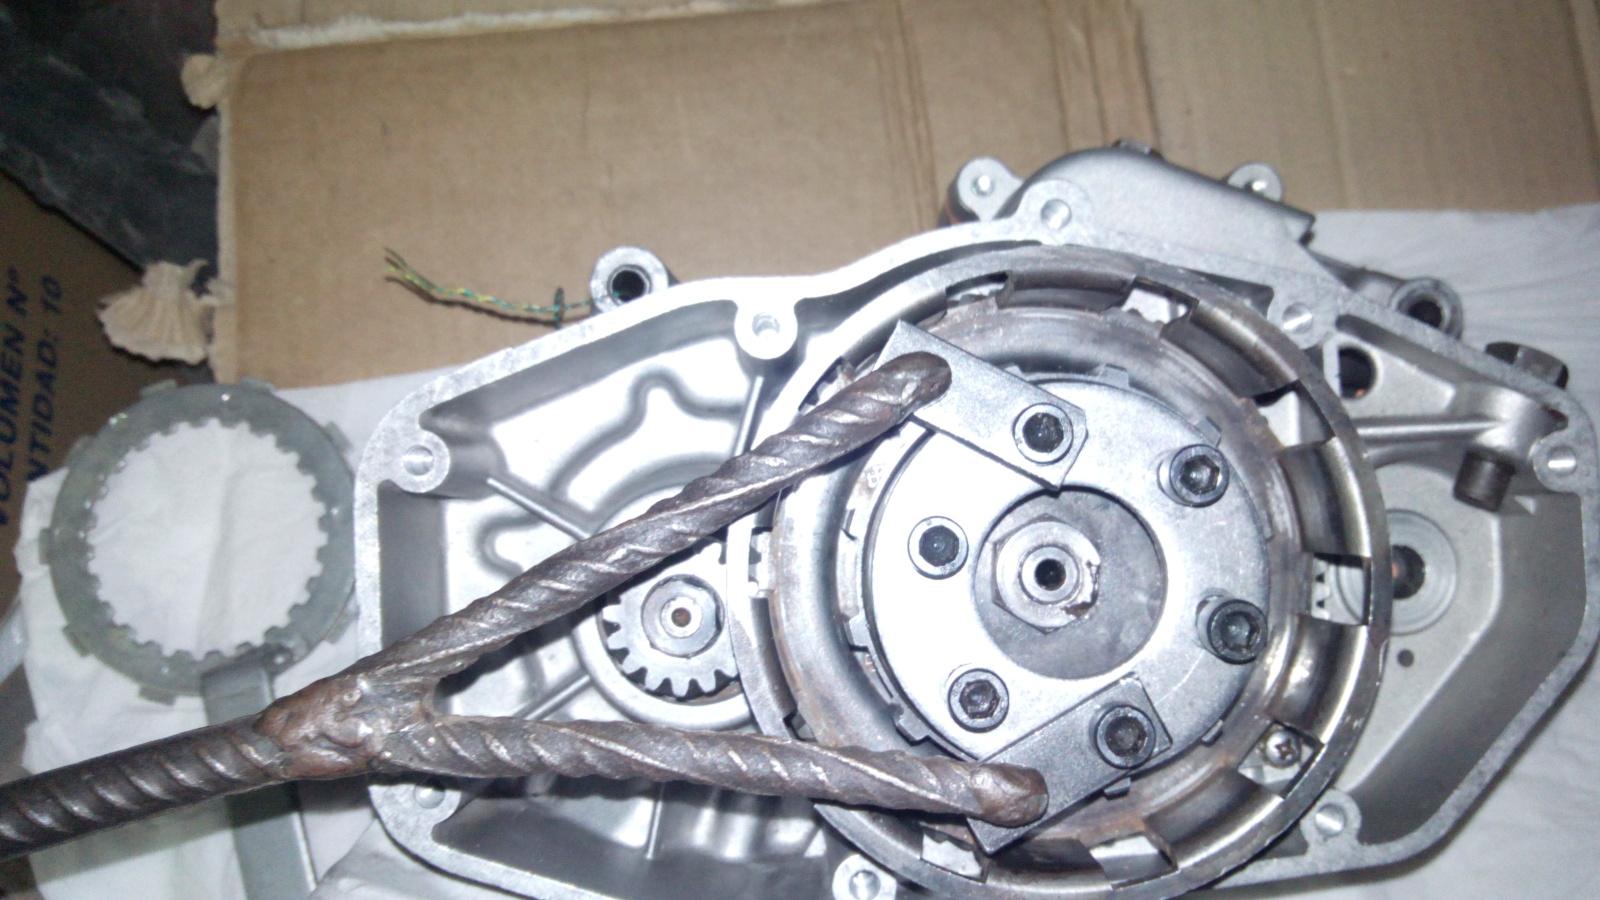 encendido - Mejoras en motores P3 P4 RV4 DL P6 K6... - Página 6 2ah8bw3